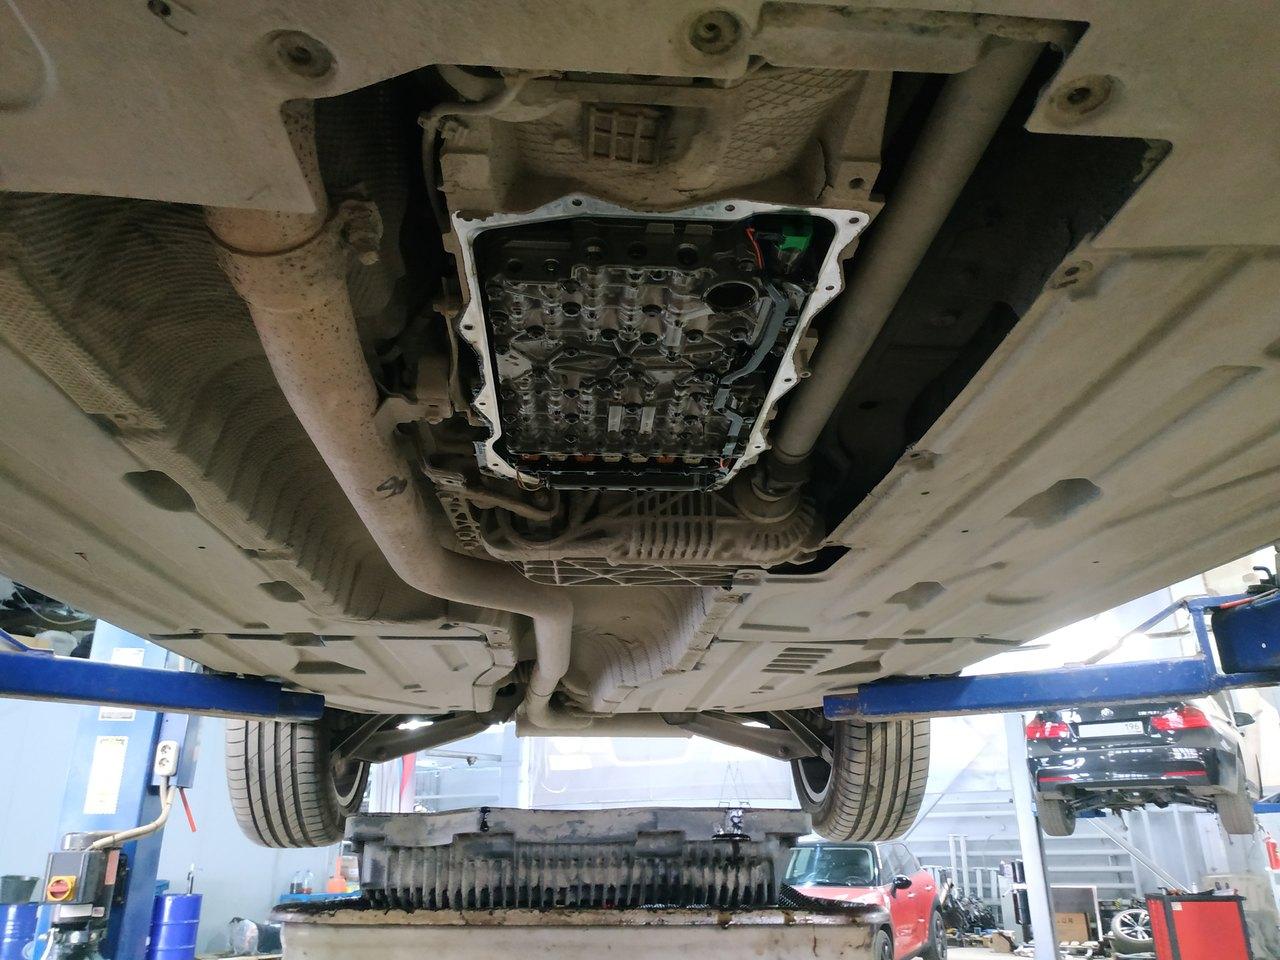 АКПП GA8HP70Z со снятым поддоном, замена масла в АКПП